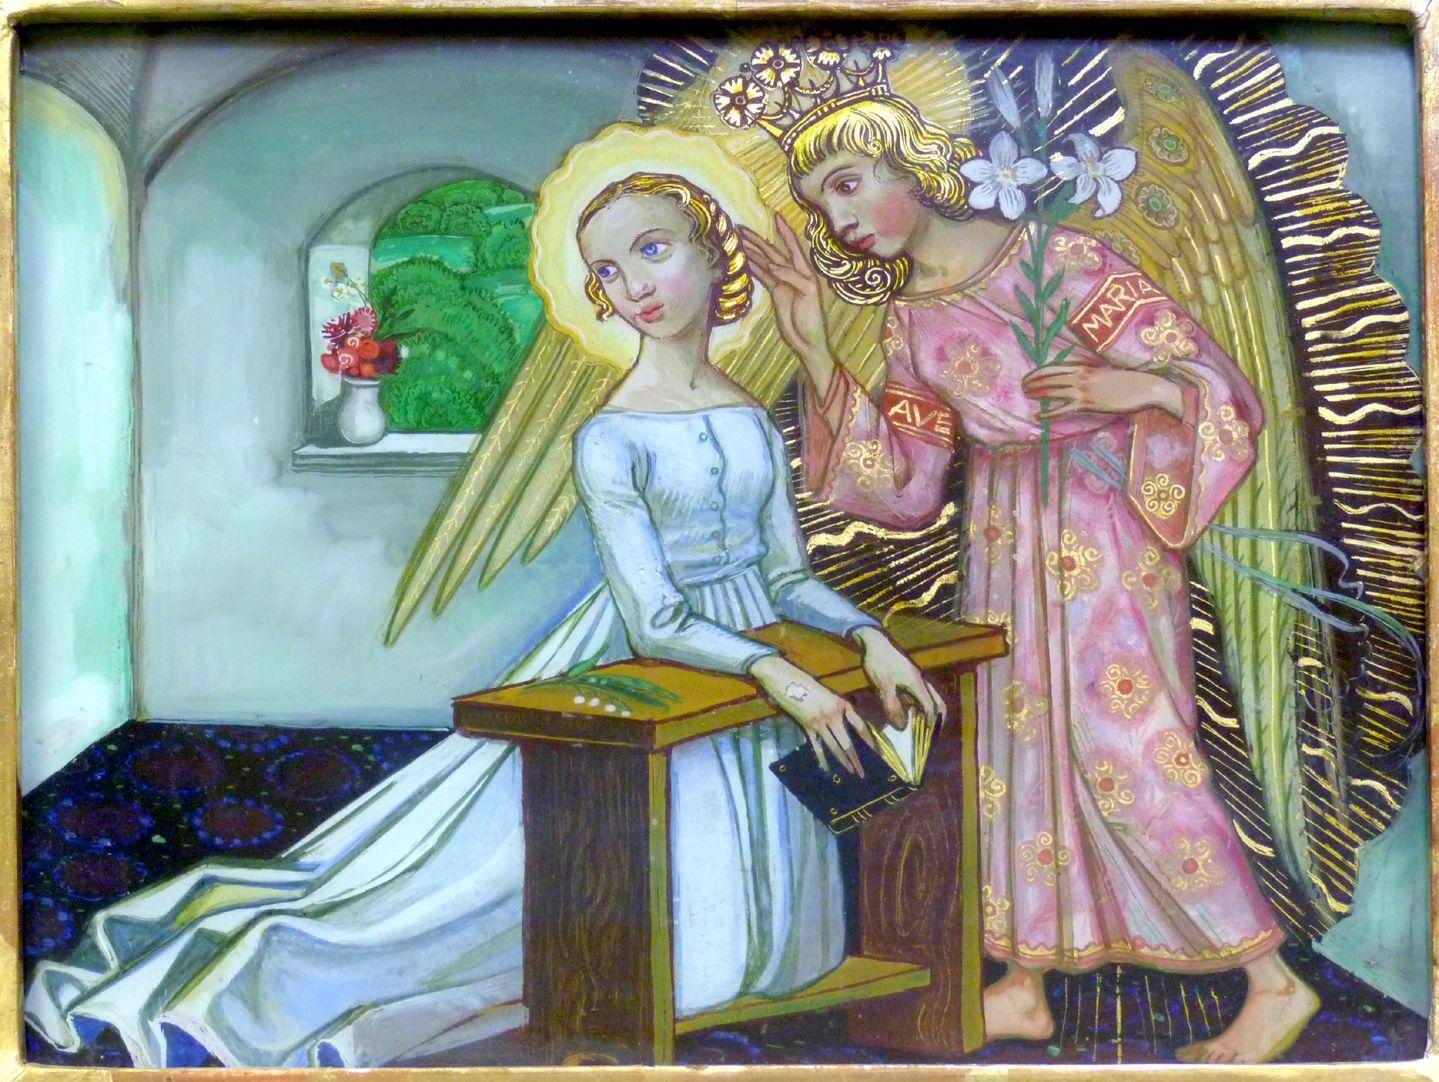 Verkündigung an Maria Fürchte dich nicht, Maria, du hast Gnade bei Gott gefunden. Siehe, du wirst schwanger werden und einen Sohn gebären, und du sollst ihm den Namen Jesus geben. LK 1,30-31